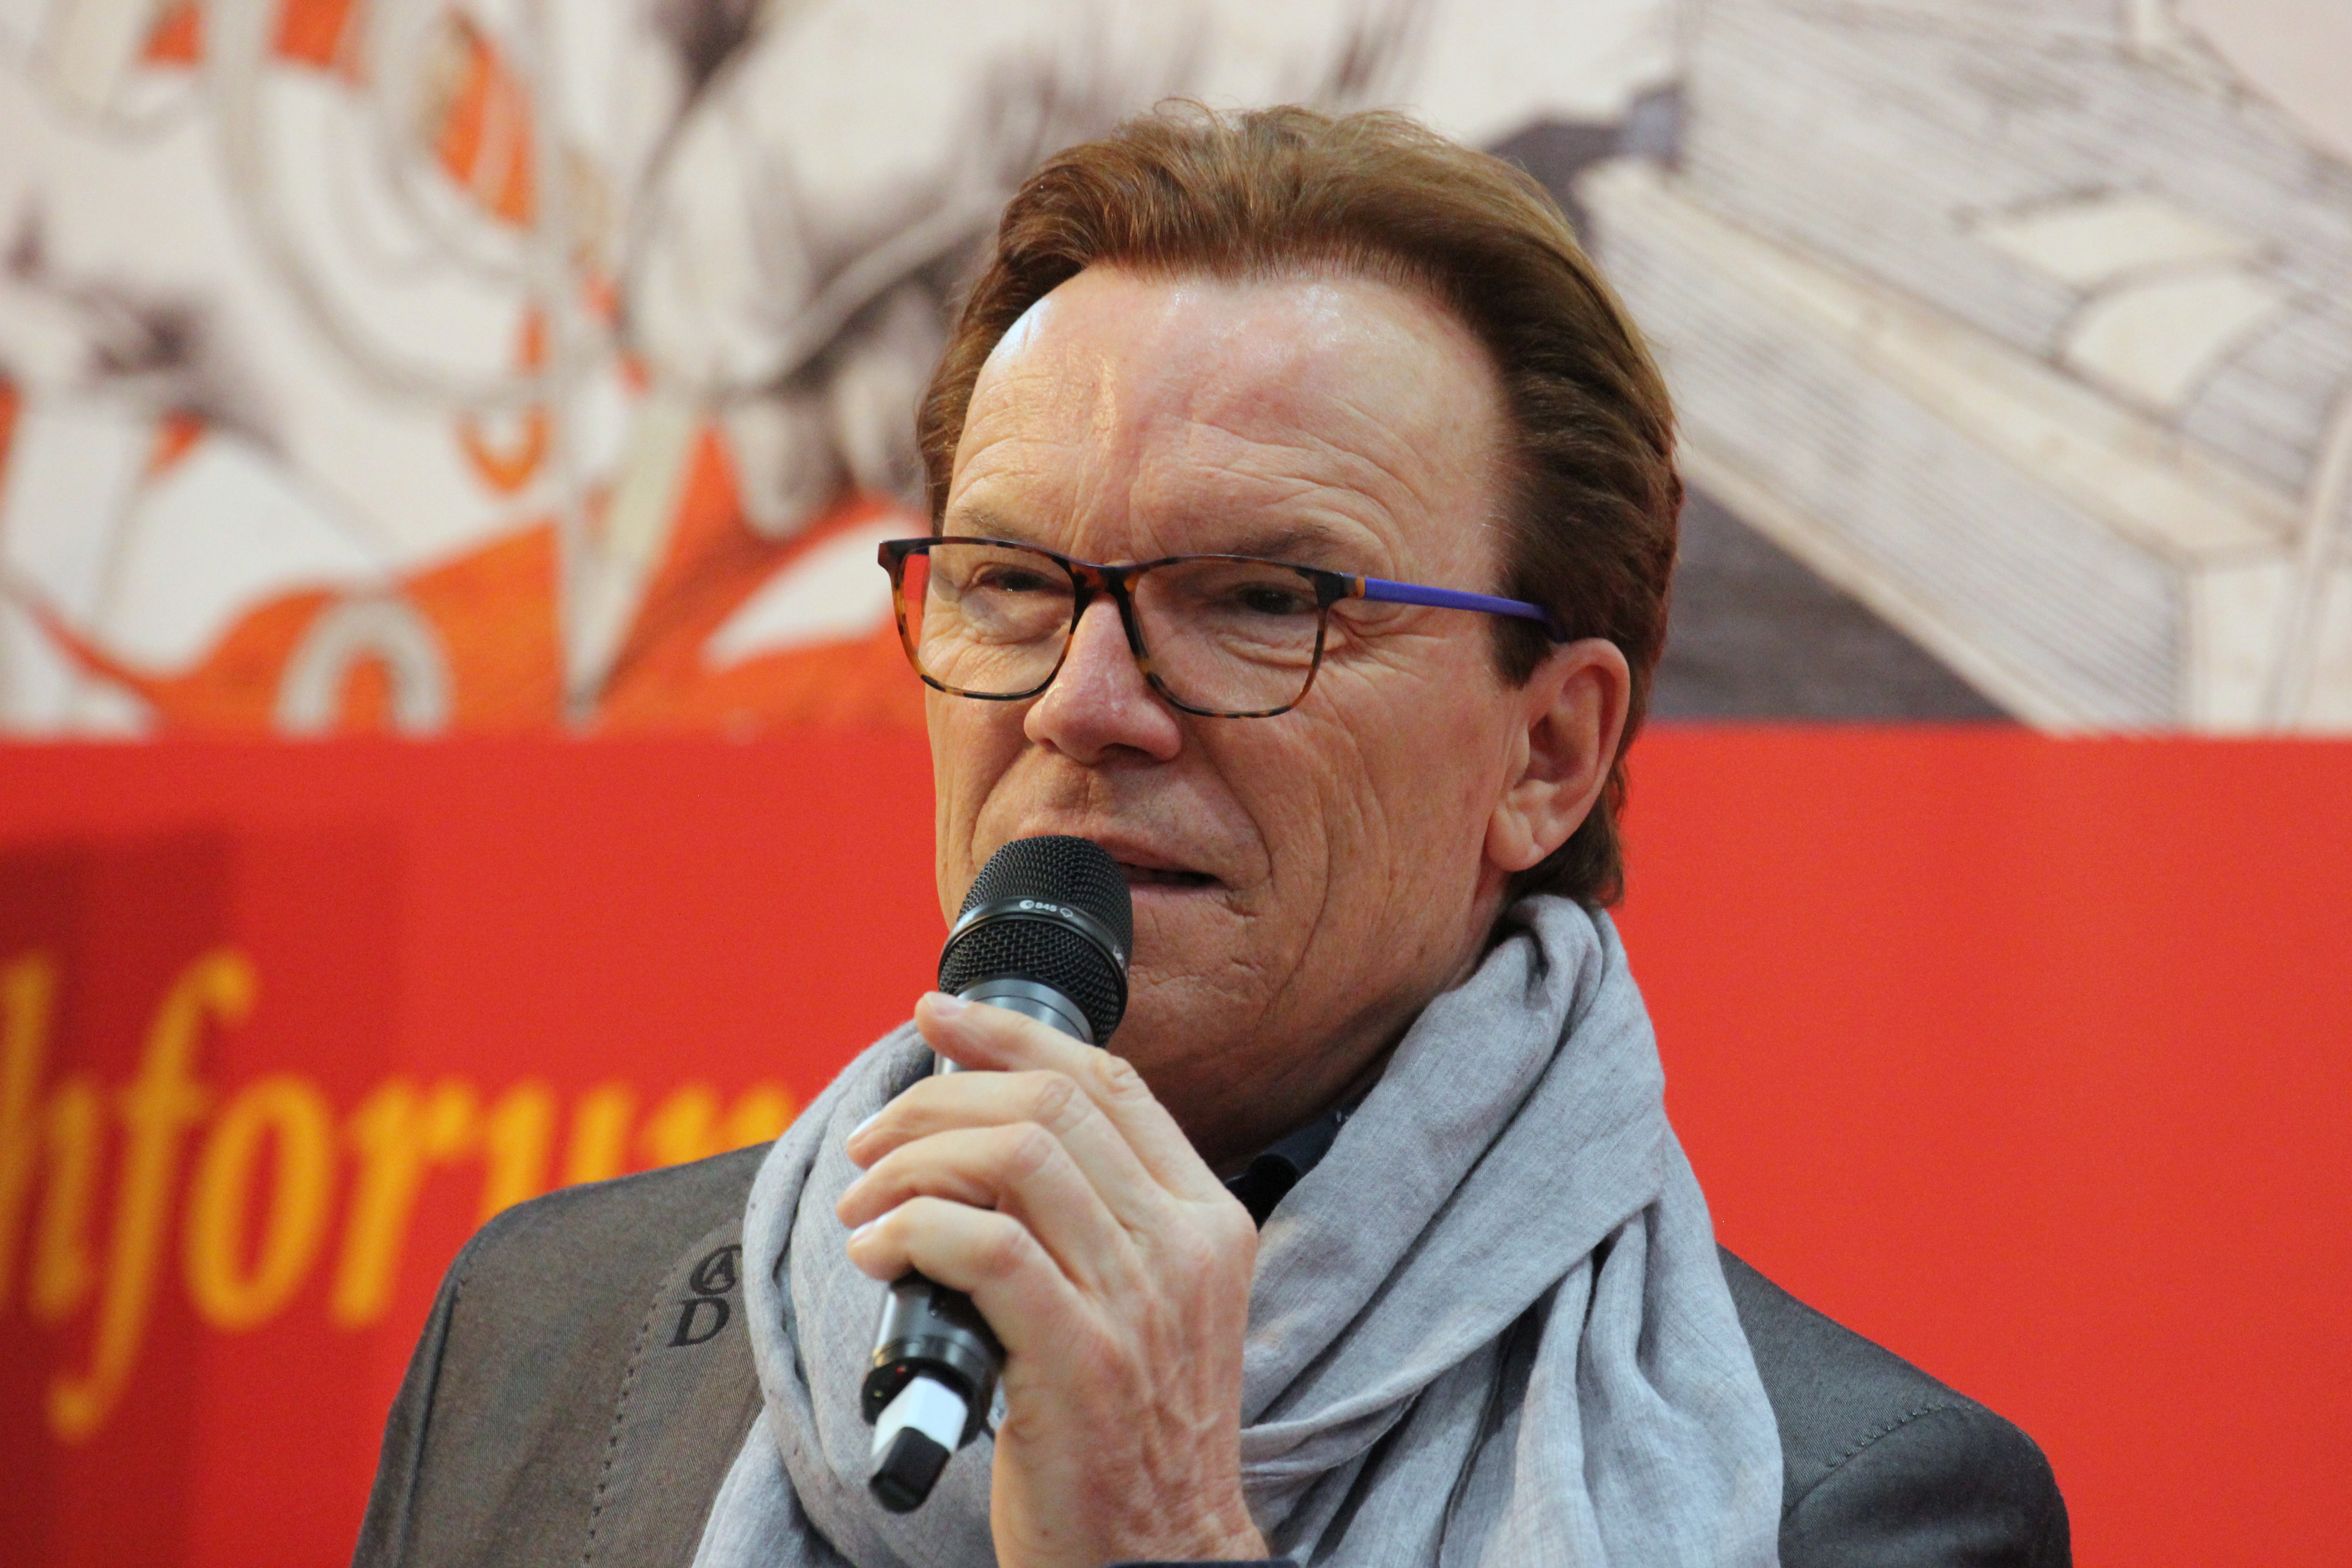 Wolfgang Lippert Btc